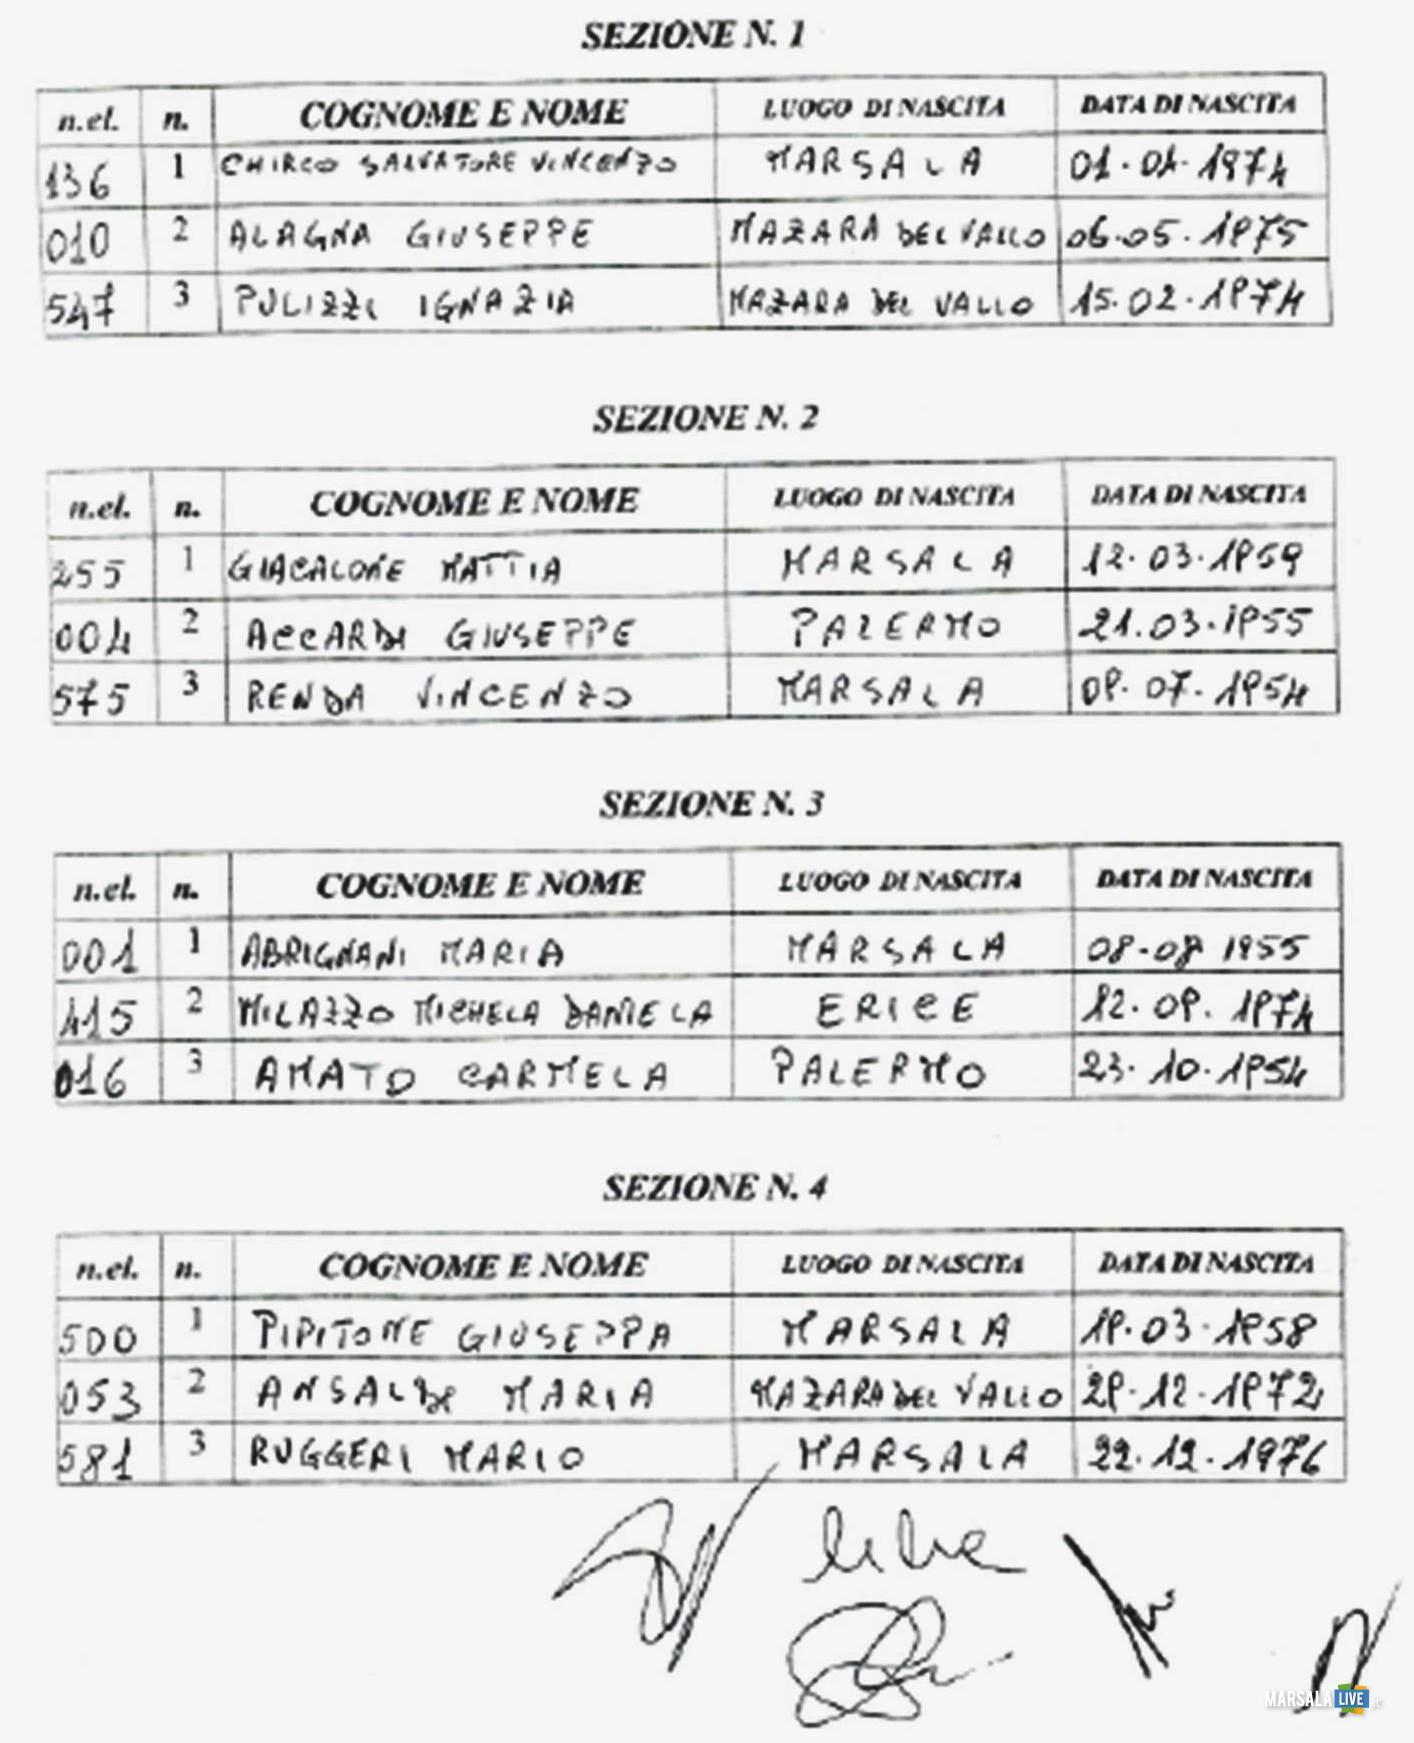 petrosino-scrutatori-referendum-costituzionale-2016